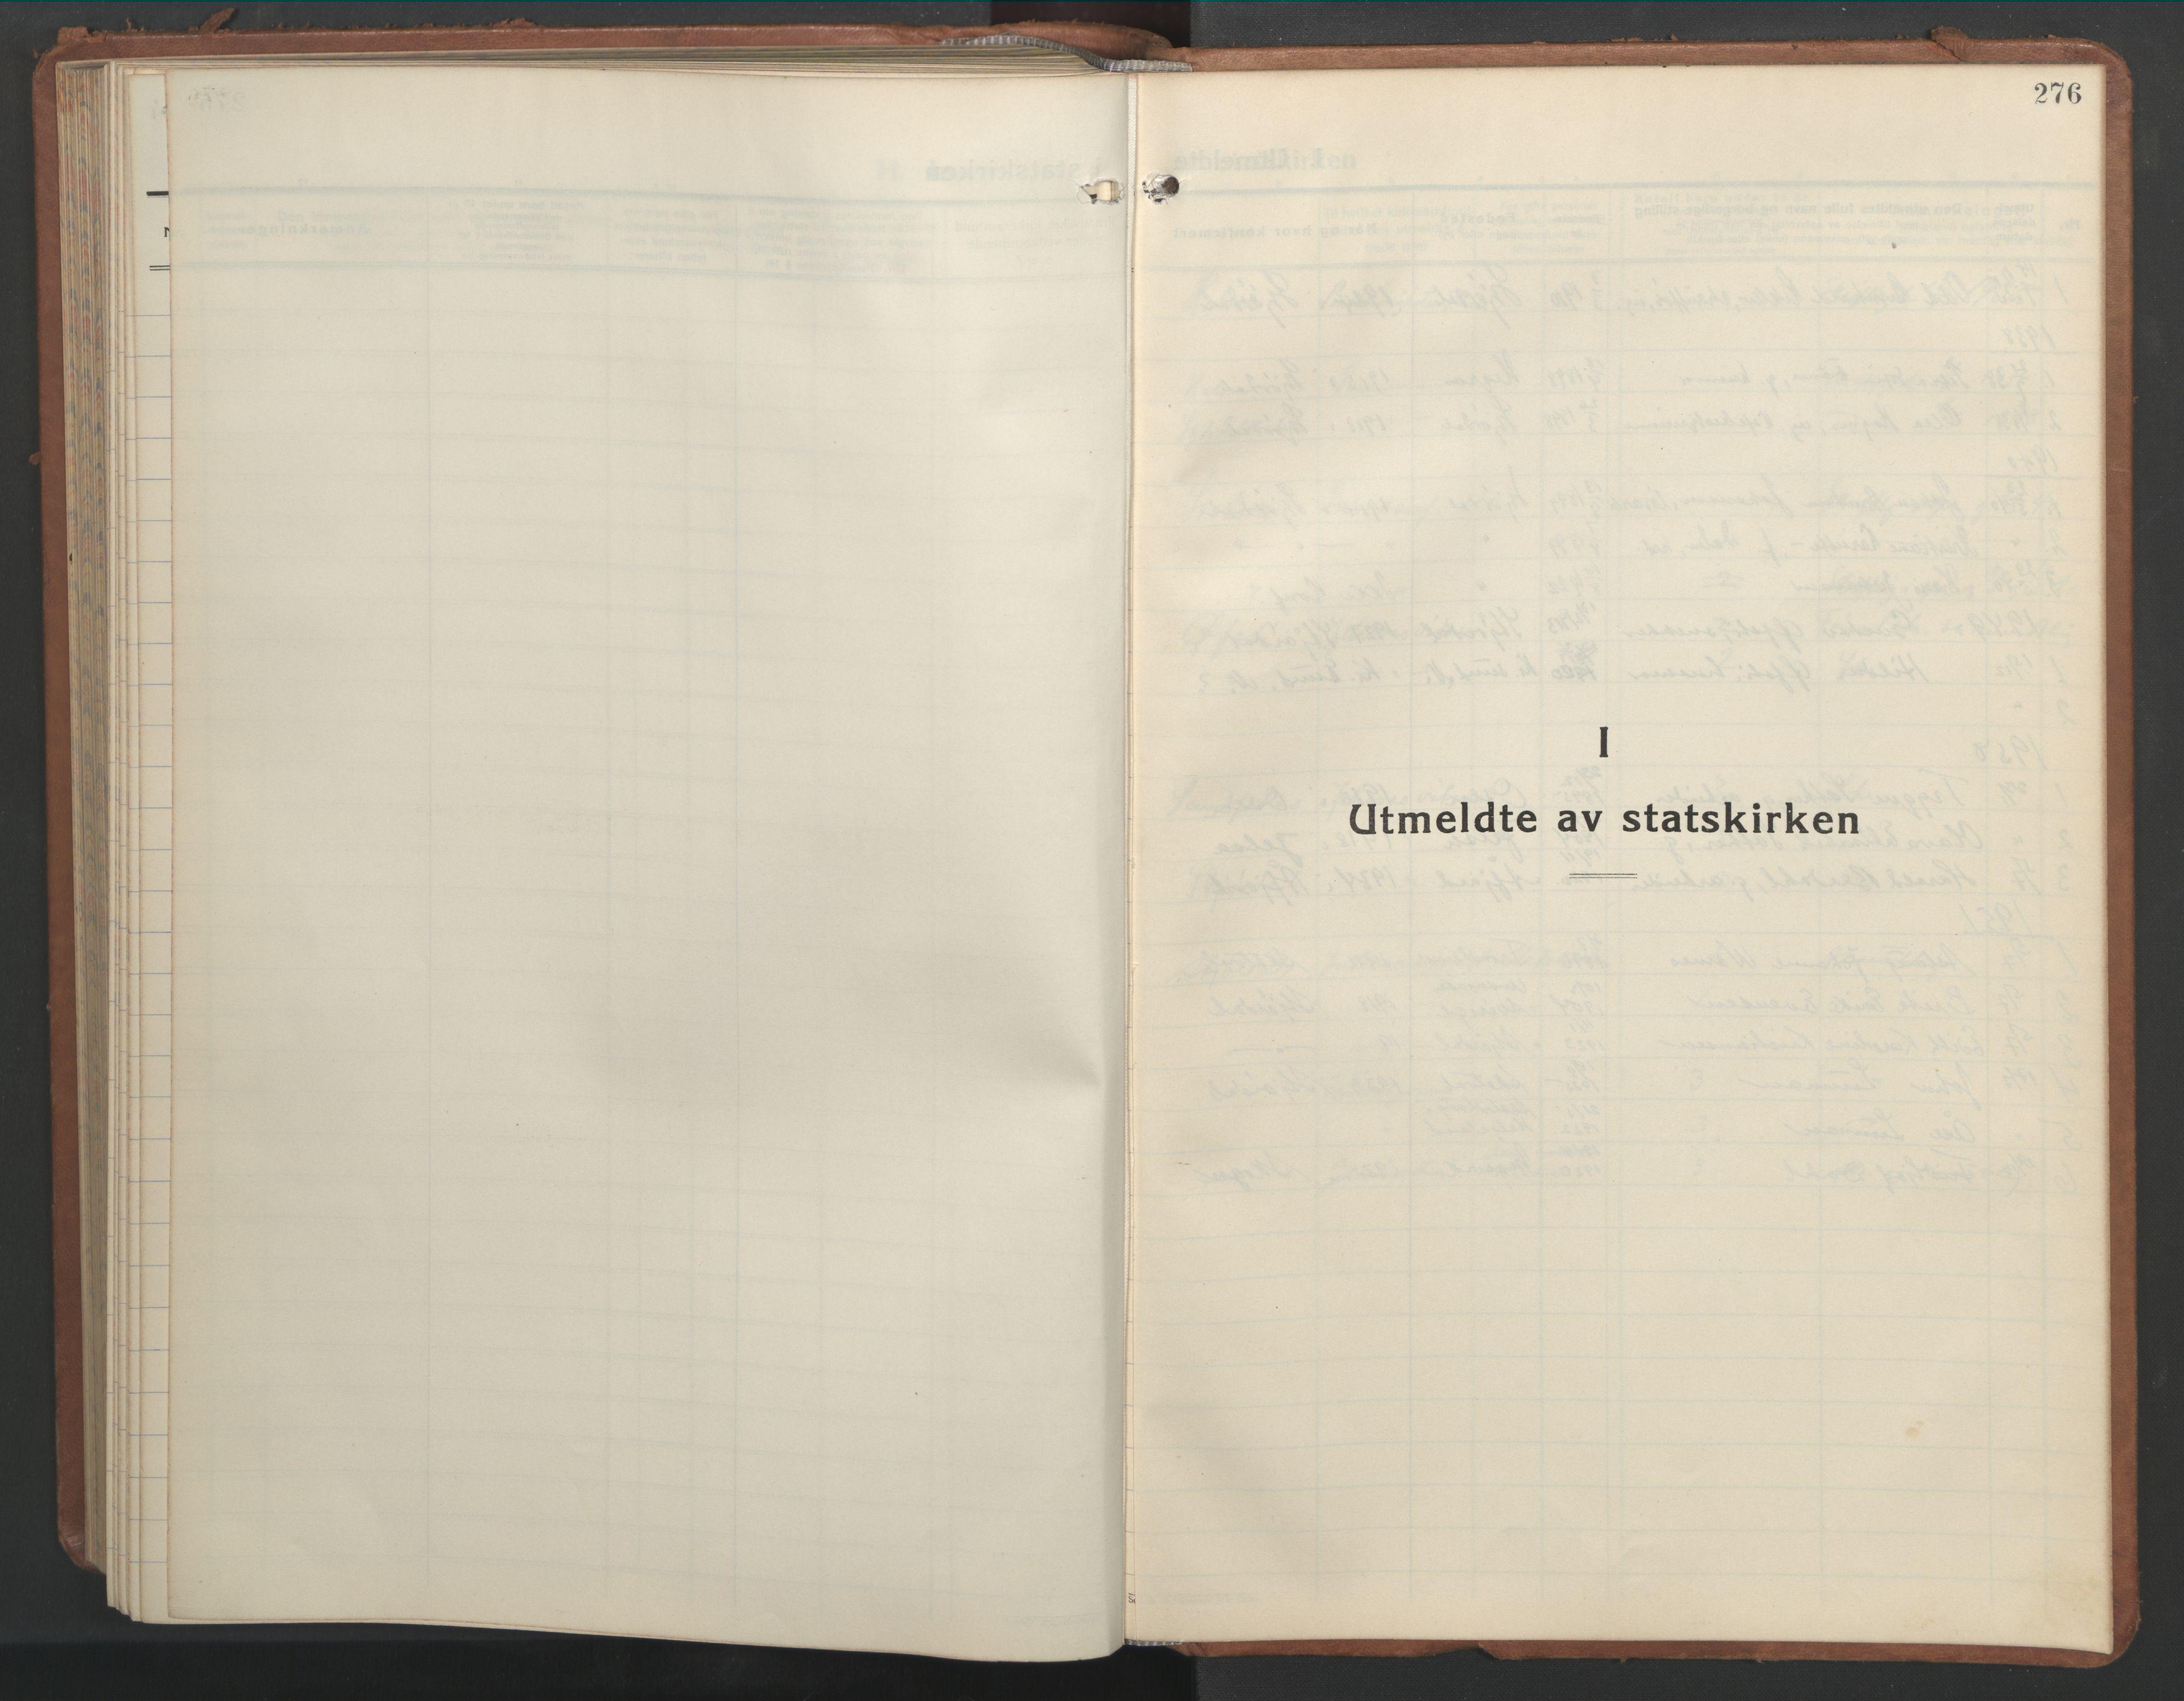 SAT, Ministerialprotokoller, klokkerbøker og fødselsregistre - Nord-Trøndelag, 709/L0089: Klokkerbok nr. 709C03, 1935-1948, s. 276